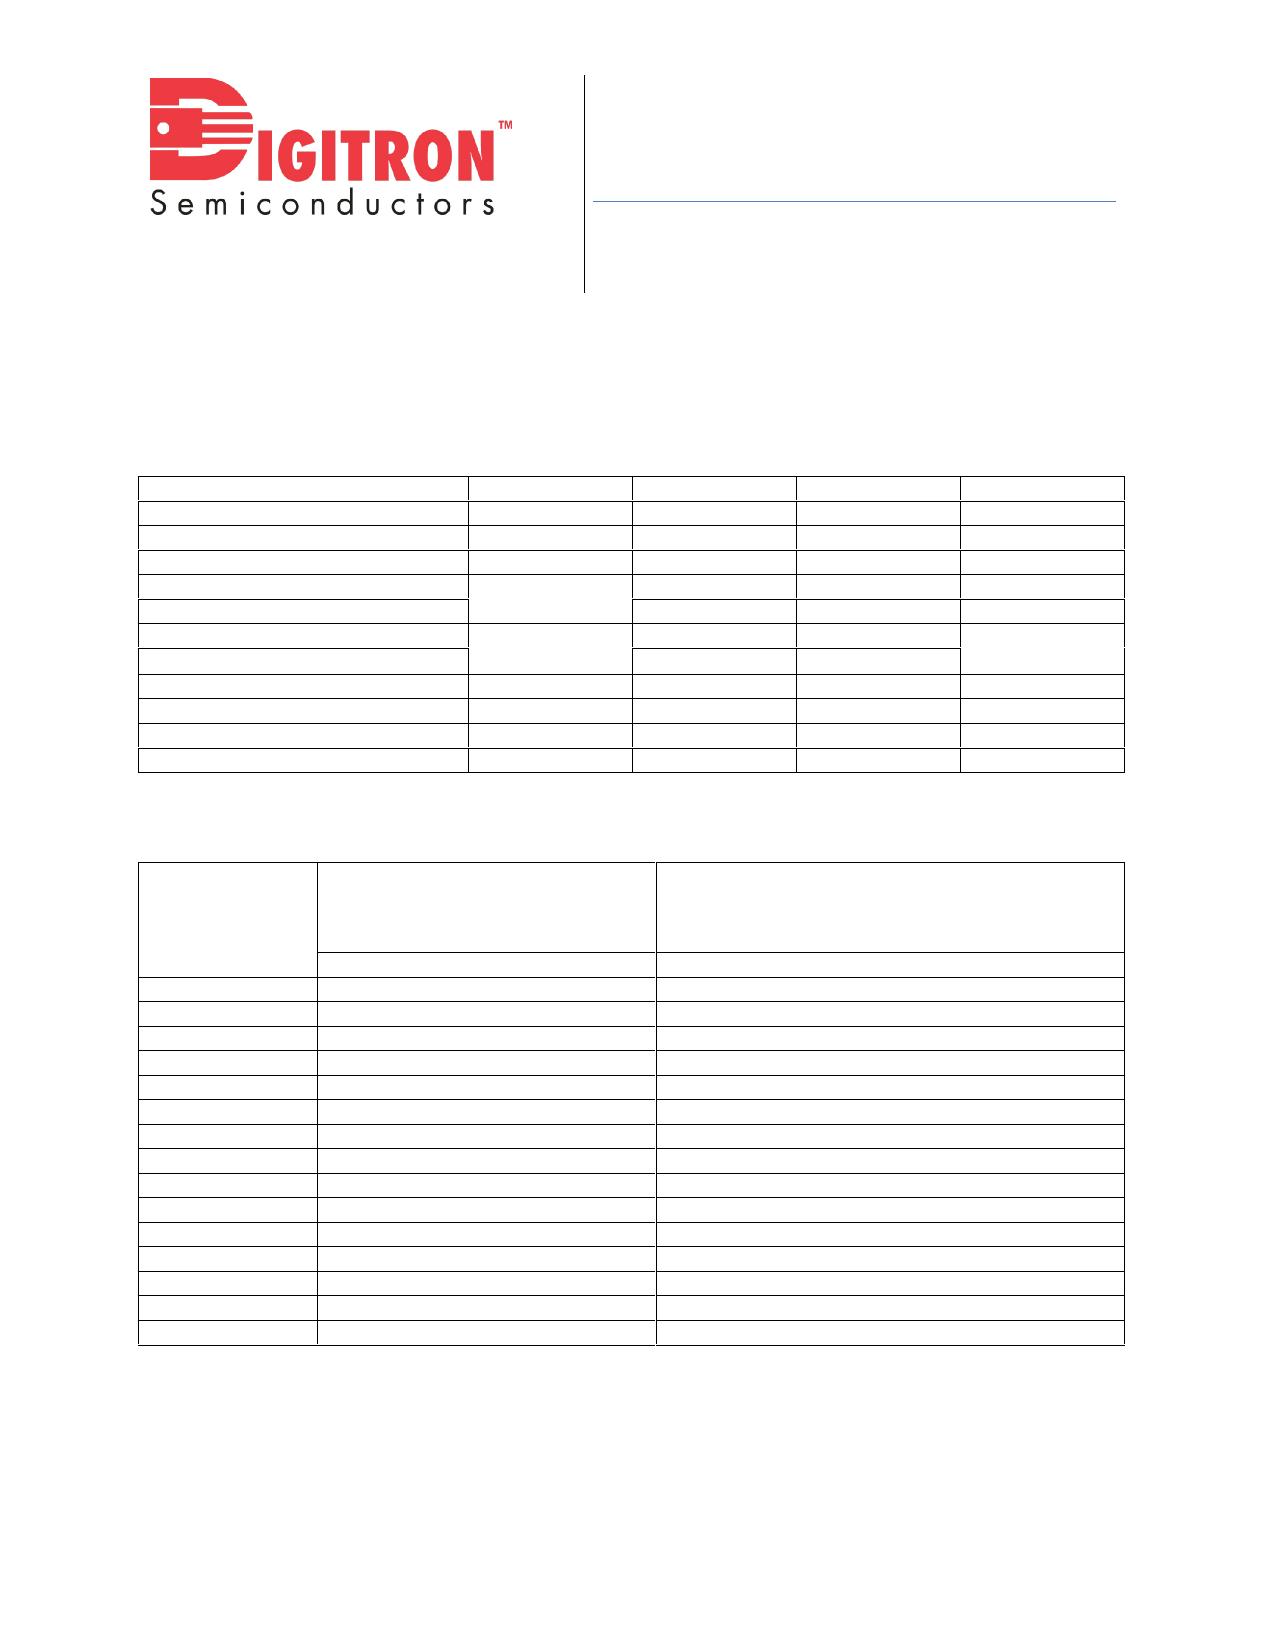 2N5206 دیتاشیت PDF